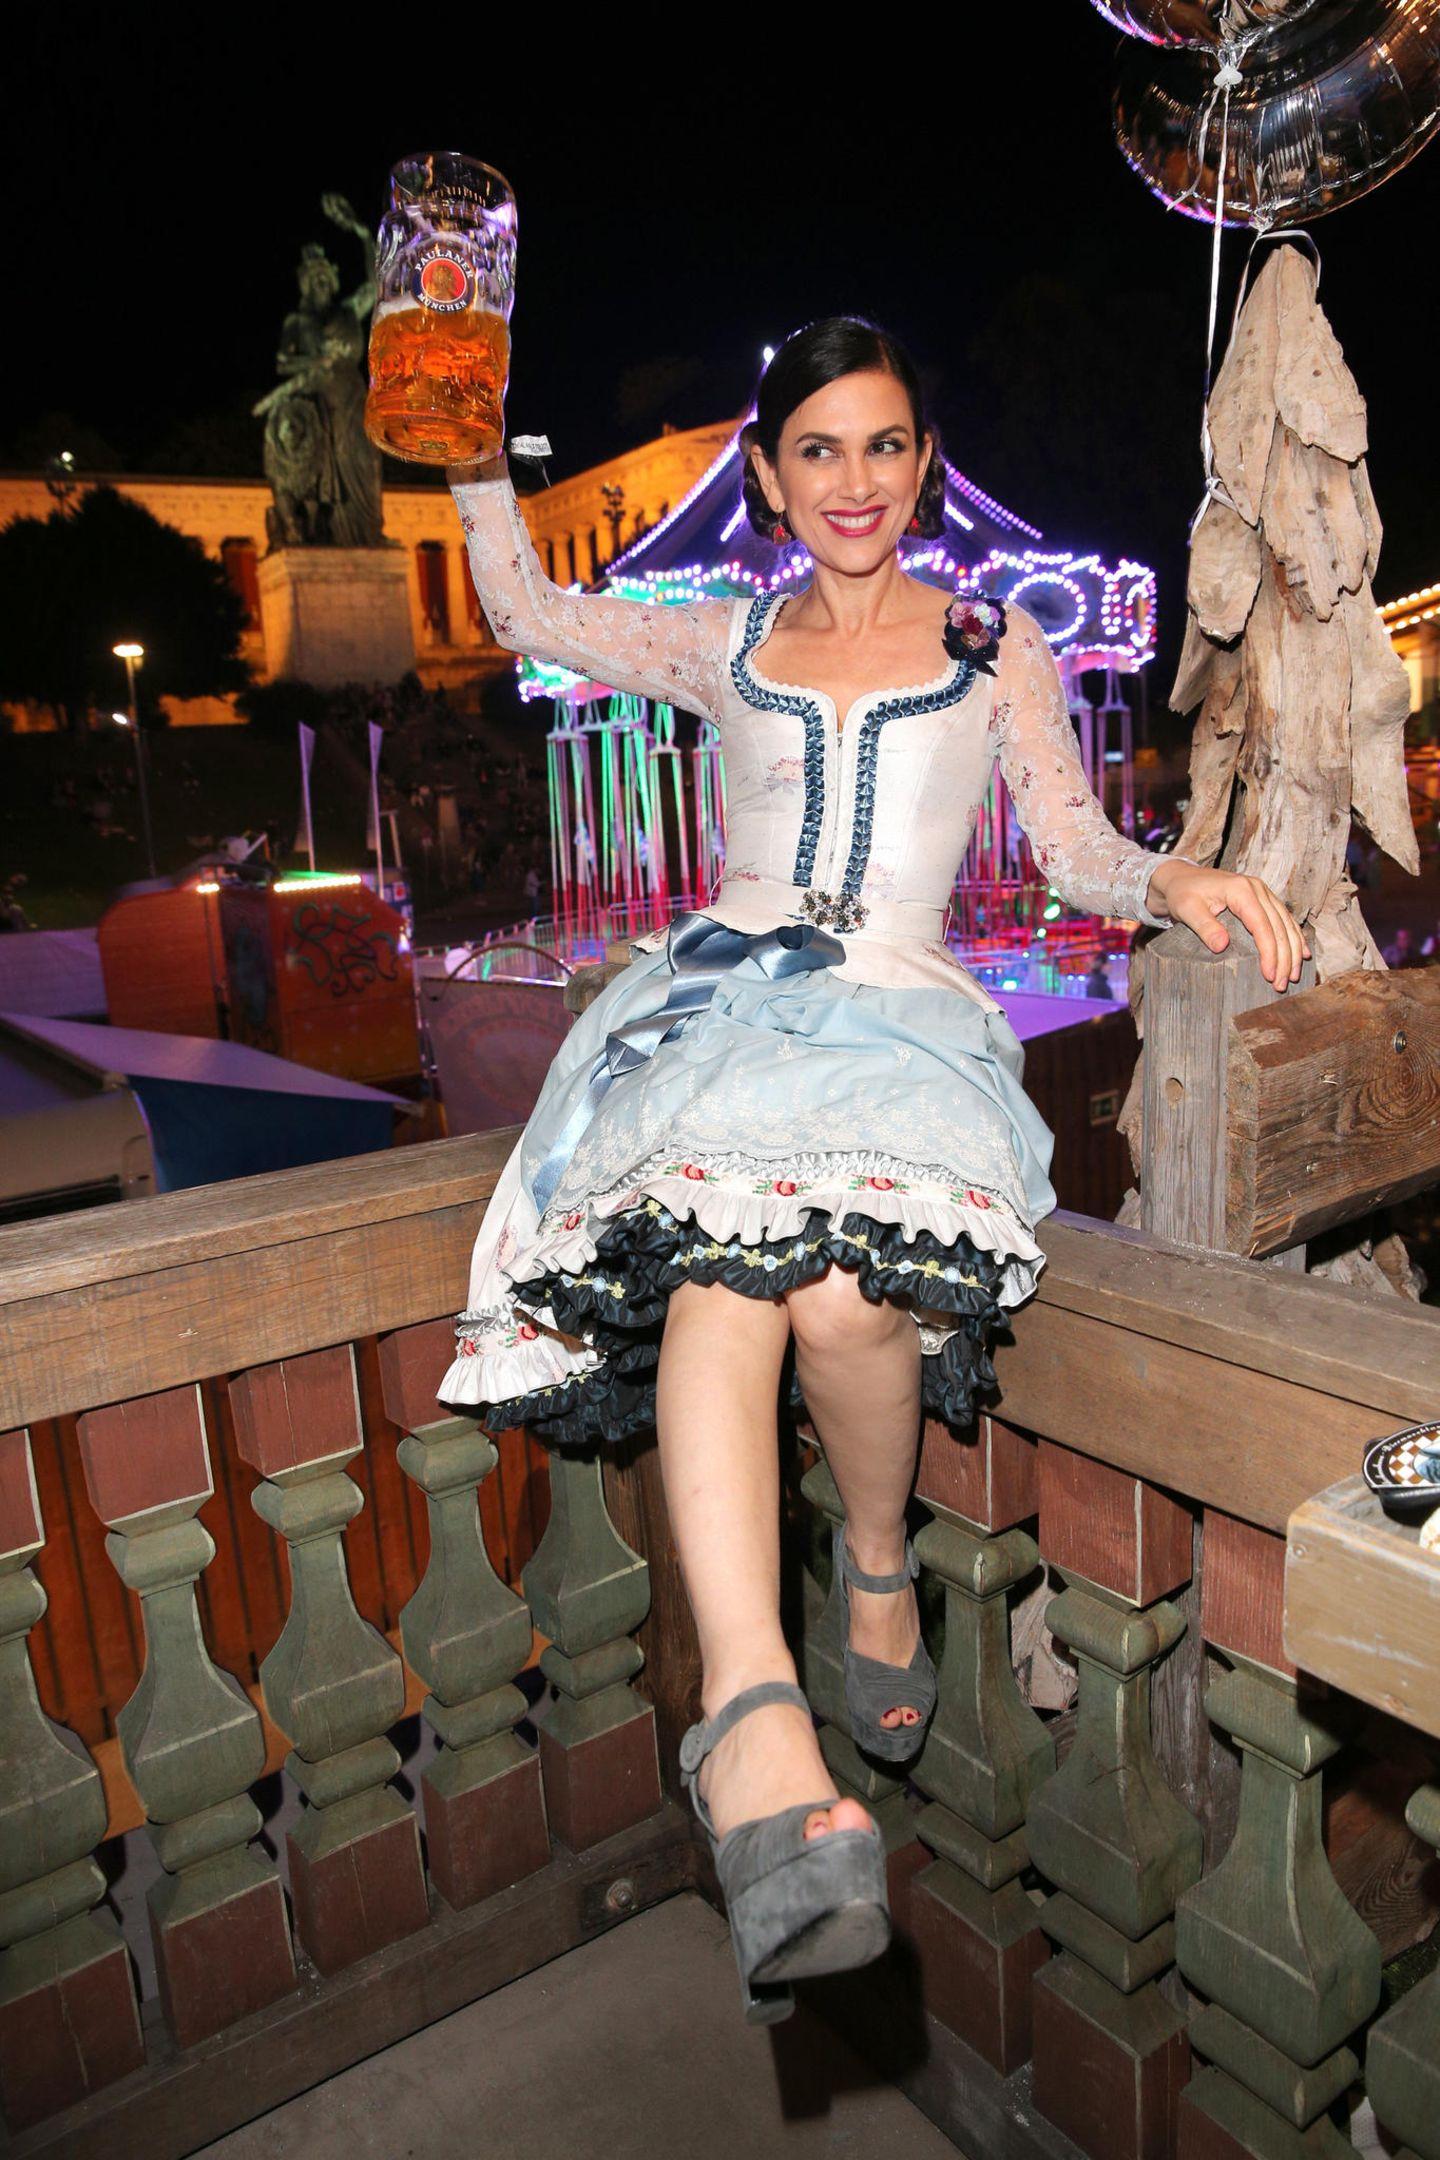 Bitte nicht fallen! Für ein schönes Foto posiert Victoria Lauterbach auf einem Geländer sitzend.